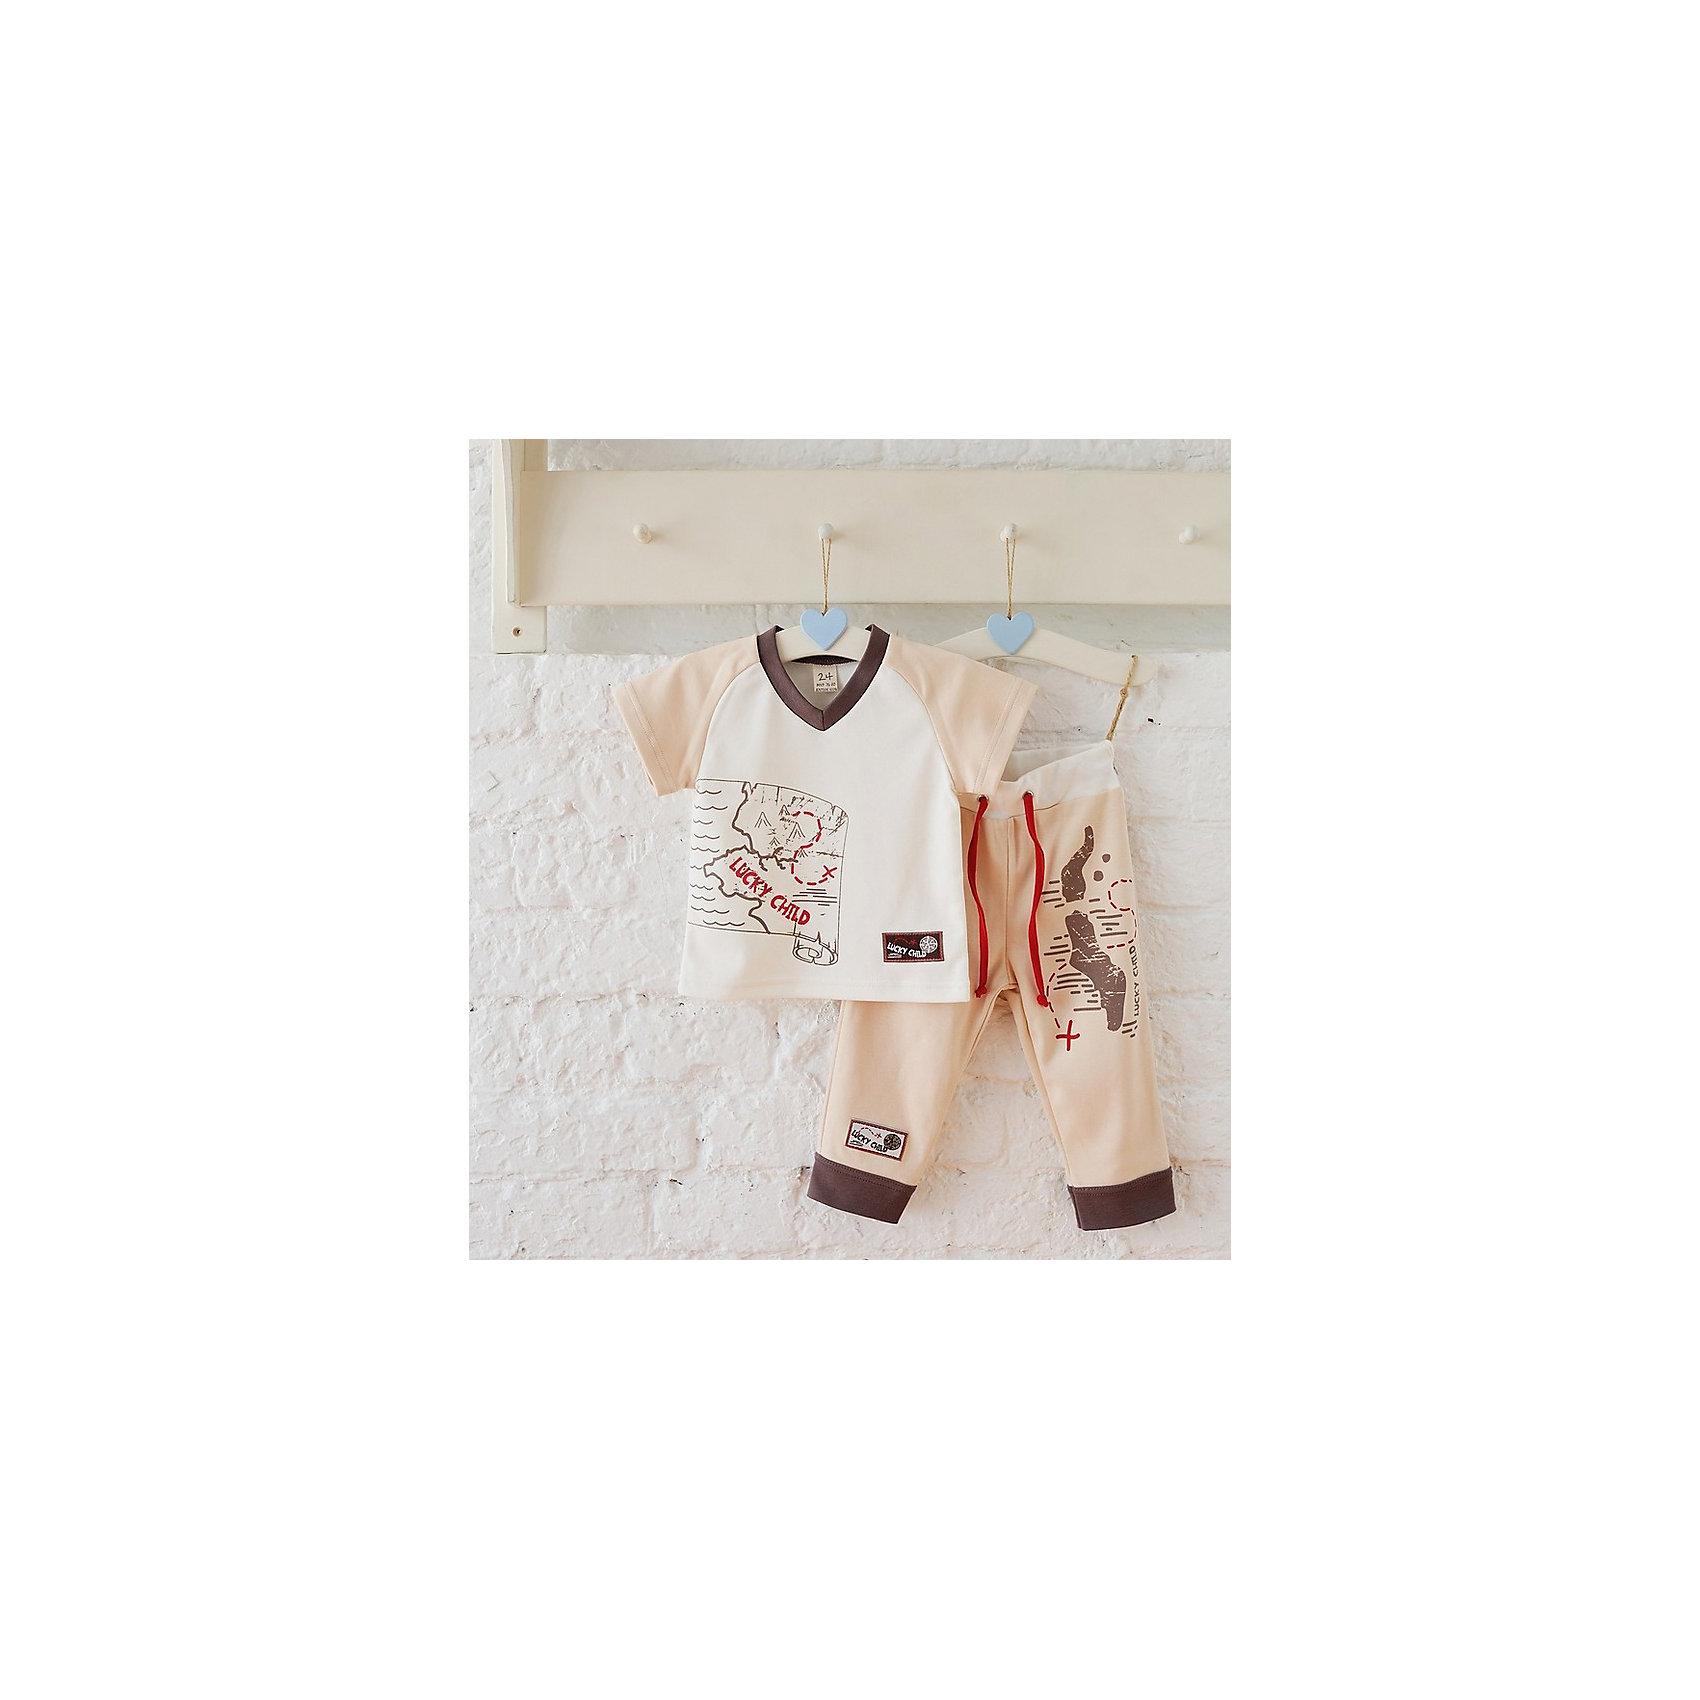 Штанишки для мальчика Lucky ChildПолзунки и штанишки<br>Штанишки для мальчика Lucky Child<br>Одежда из коллекции «Дальние берега» - это лучший подарок для мальчишек, которые мечтают о морских путешествиях, кладах и приключениях. Мамы по достоинству оценят качество ткани и аккуратность швов. Все наши модели производятся только в России с соблюдением сертификатов качества и соответствия.<br>Состав : 100% хлопок<br><br>Ширина мм: 215<br>Глубина мм: 88<br>Высота мм: 191<br>Вес г: 336<br>Цвет: бежевый<br>Возраст от месяцев: 12<br>Возраст до месяцев: 18<br>Пол: Мужской<br>Возраст: Детский<br>Размер: 80/86,92/98,86/92,98/104<br>SKU: 4611988